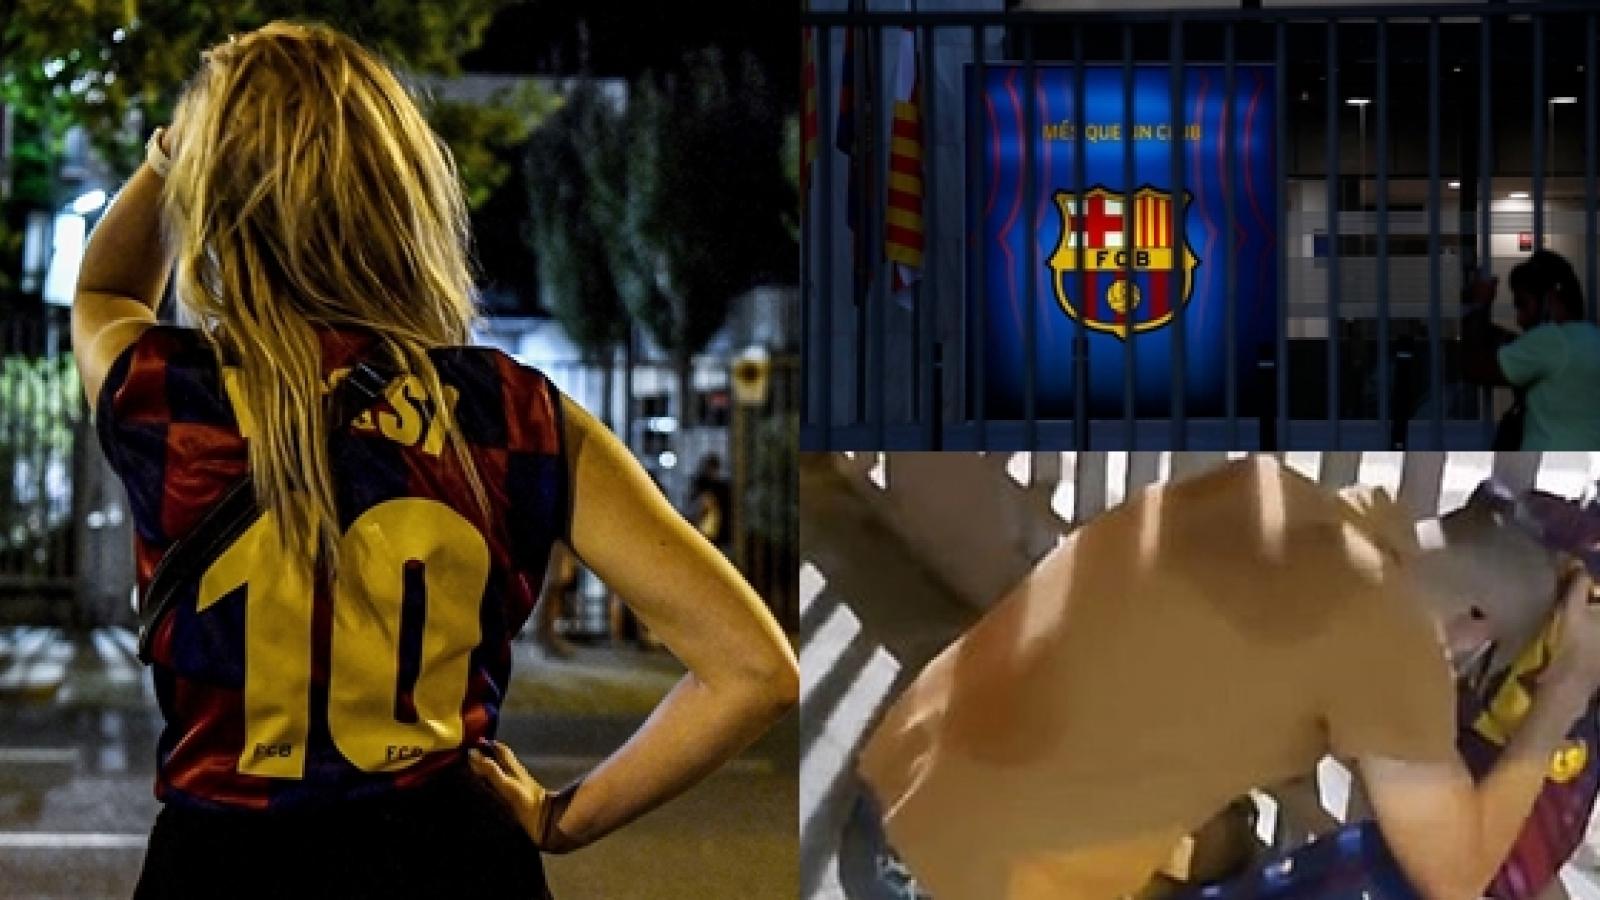 CĐV Barca bật khóc nức nở khi chính thức mất Messi